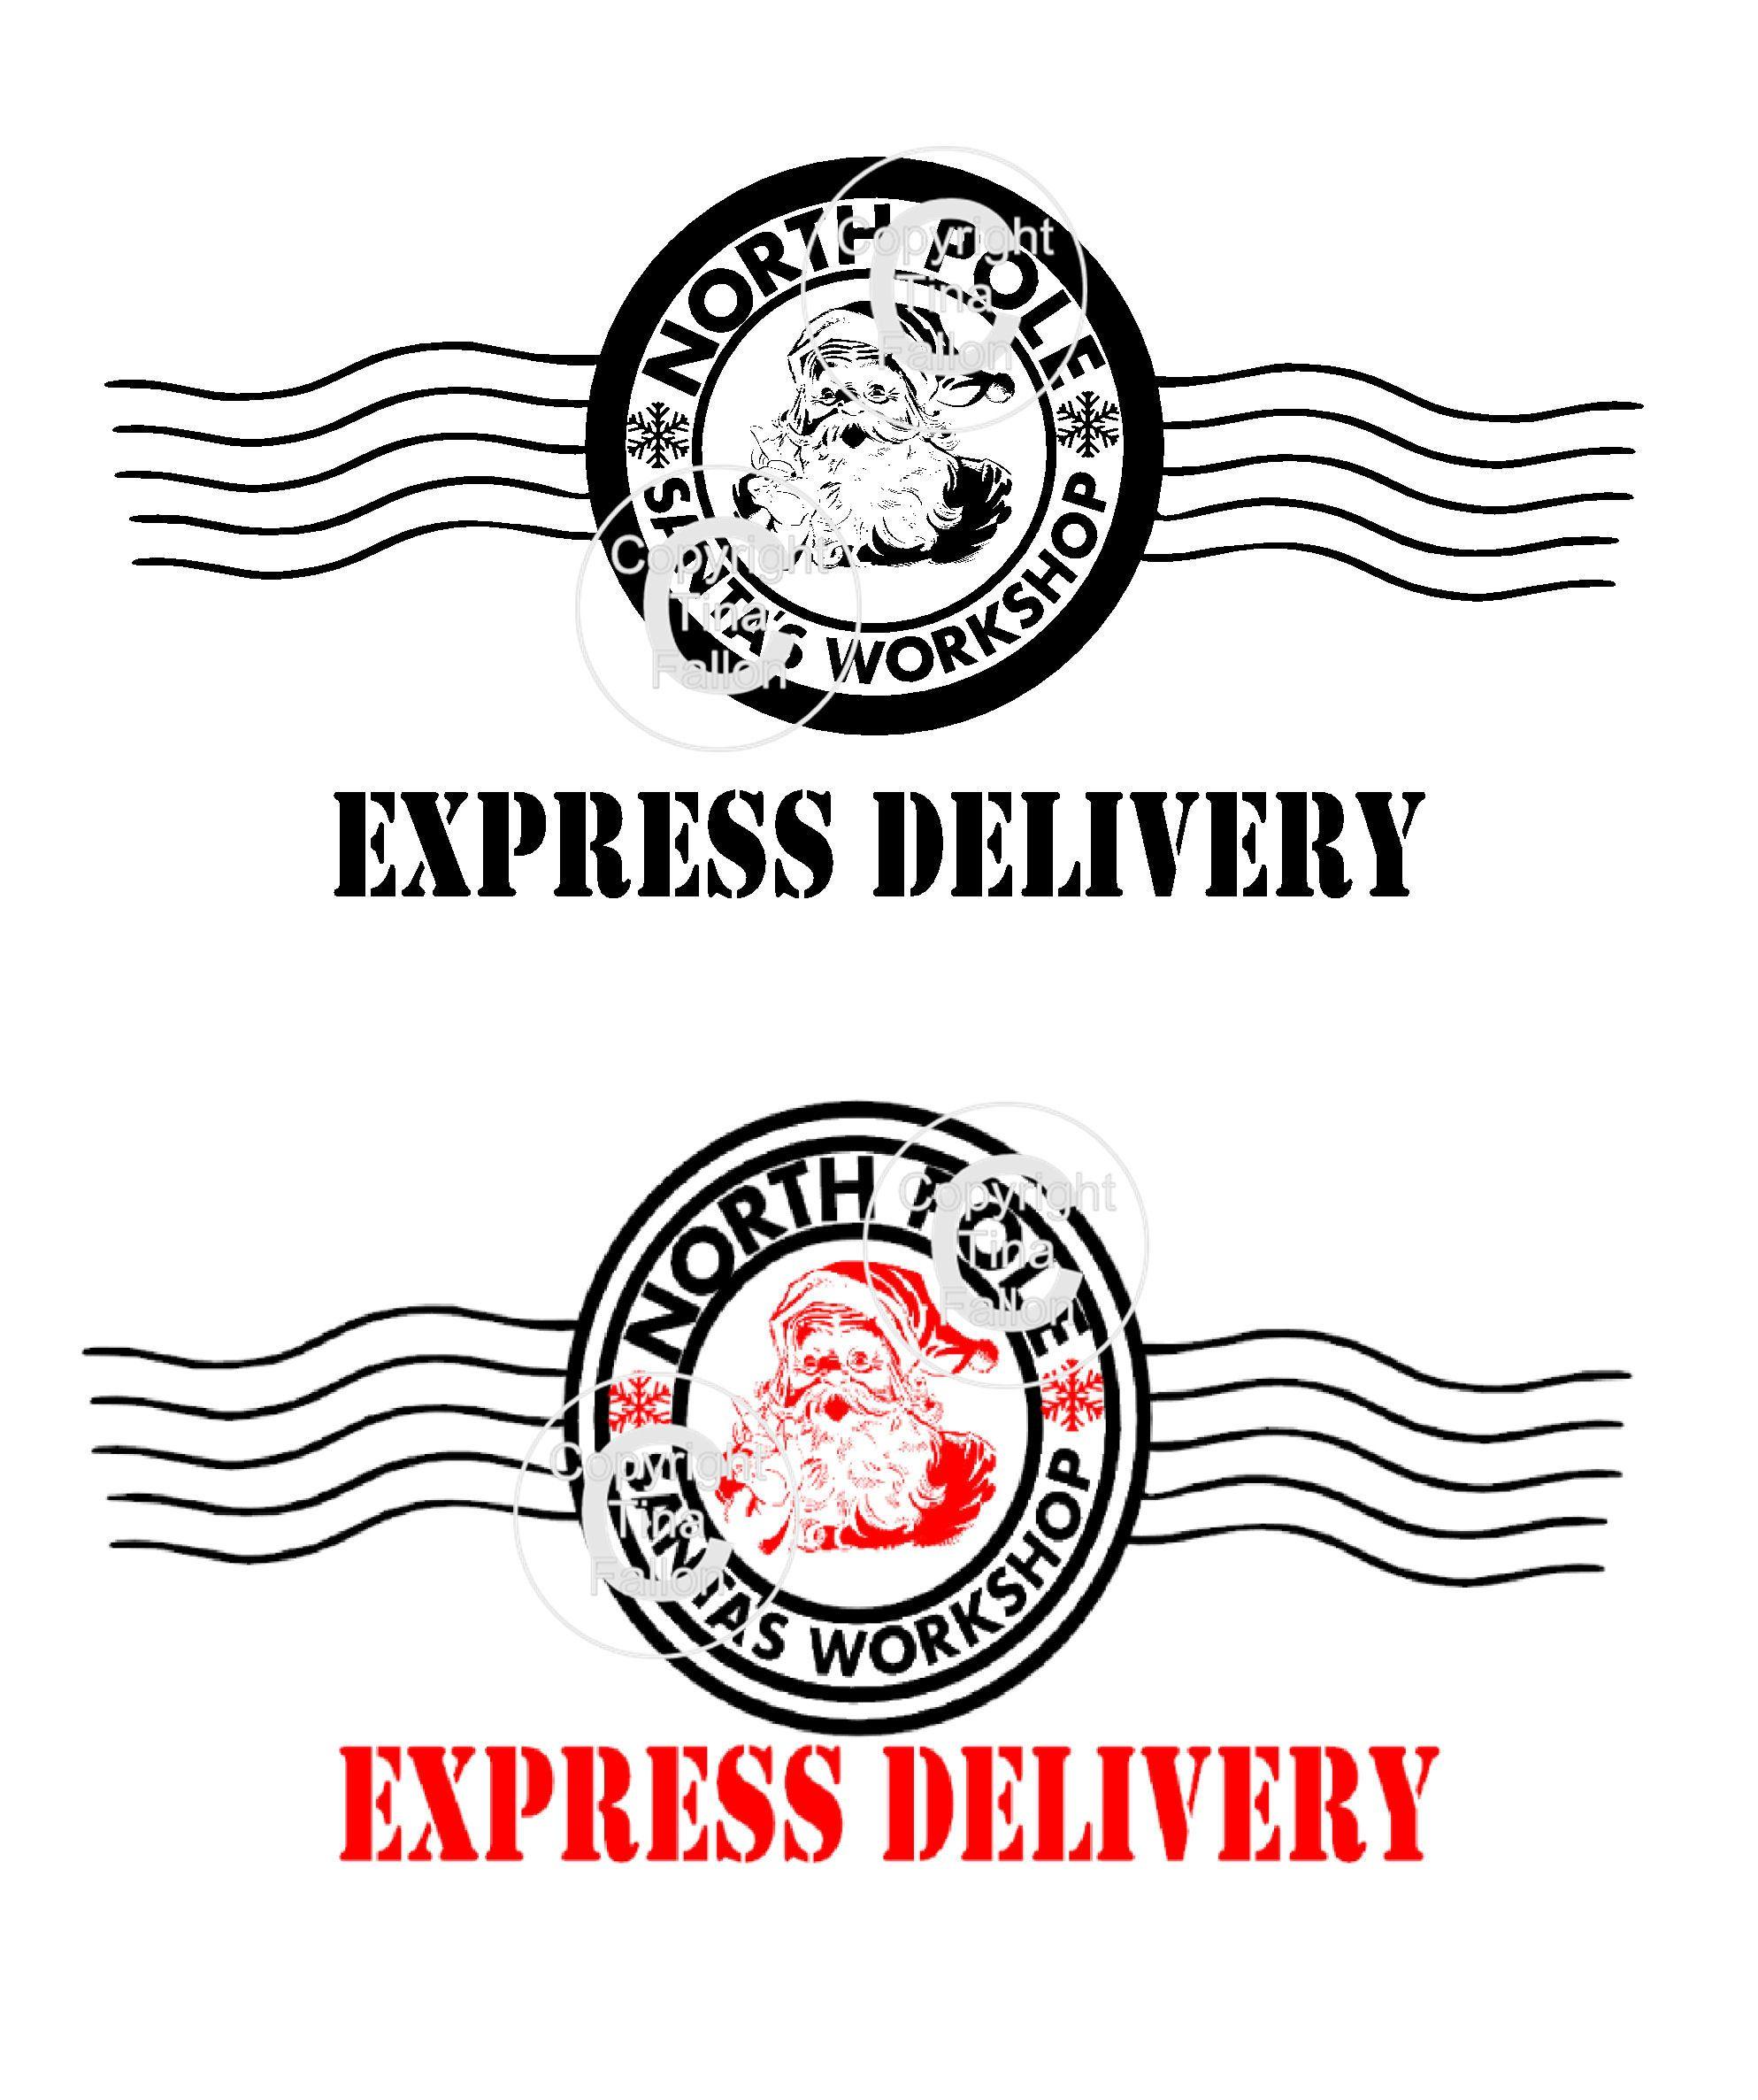 2 X Santa North Pole Express Delivery Postmark Transparent Etsy North Pole Express Santa North Pole Santa Express